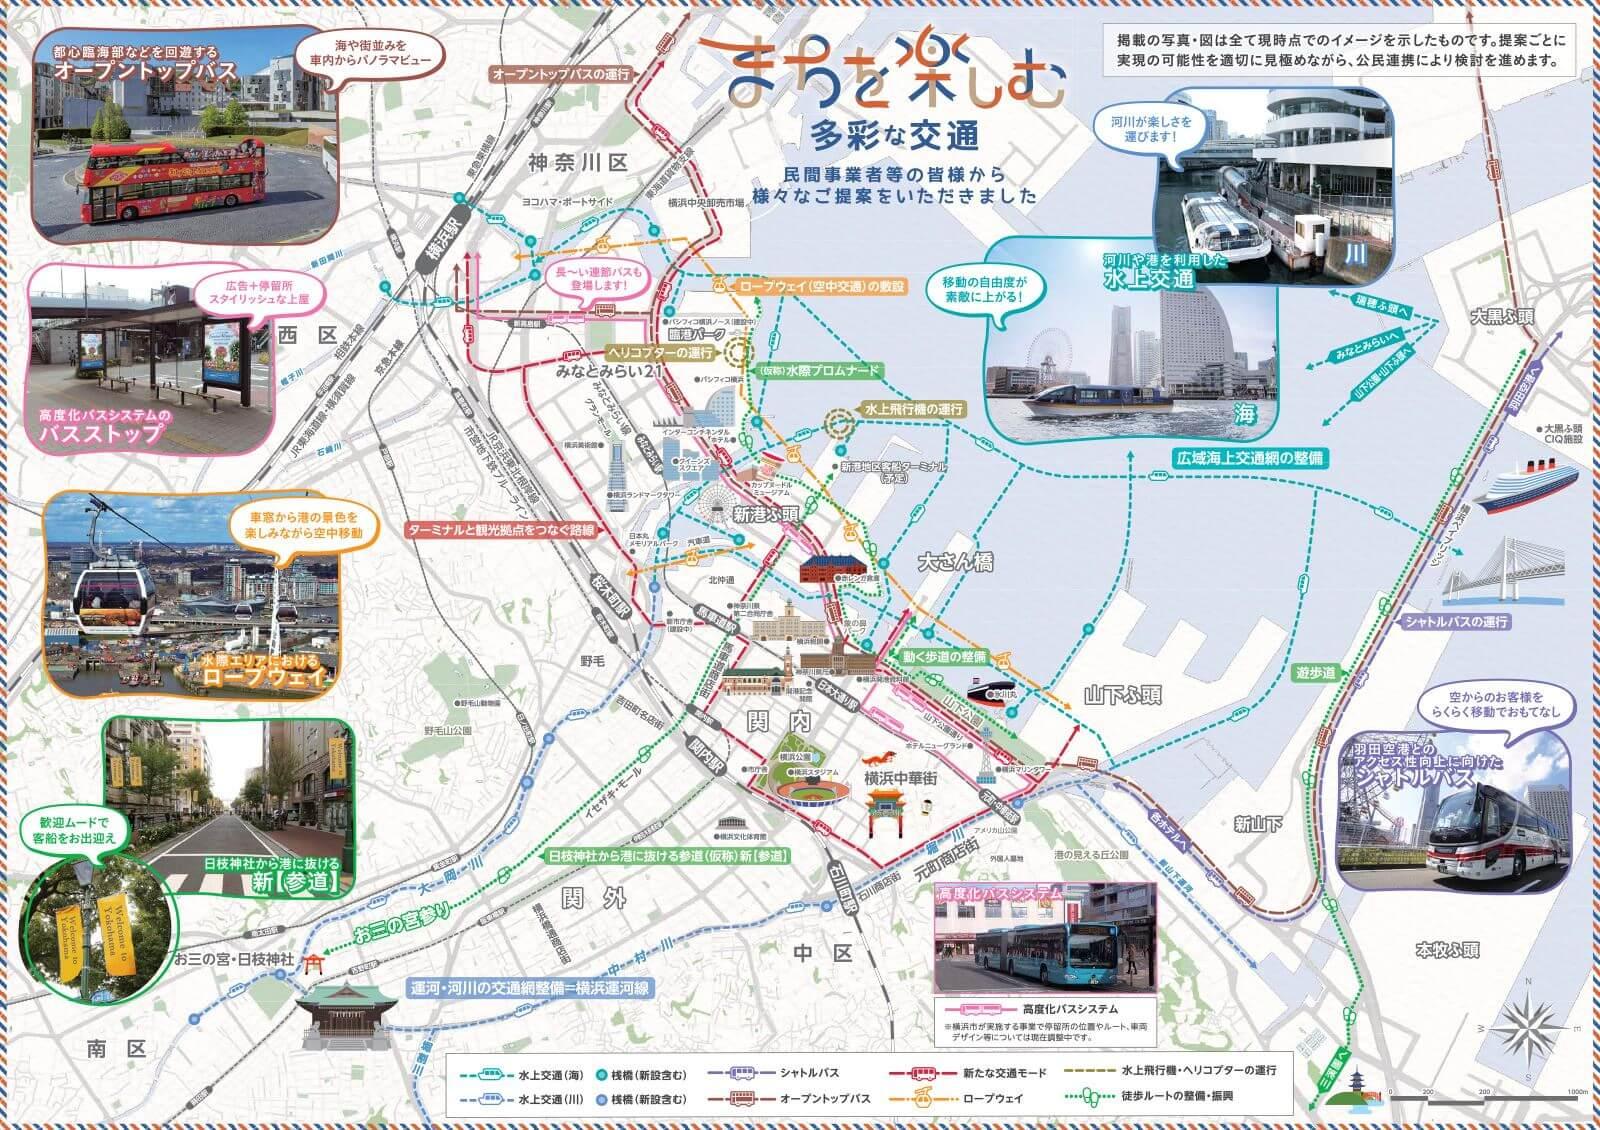 横浜市記者発表資料[2018年5月24日付]:まちを楽しむ多彩な交通[PDF]